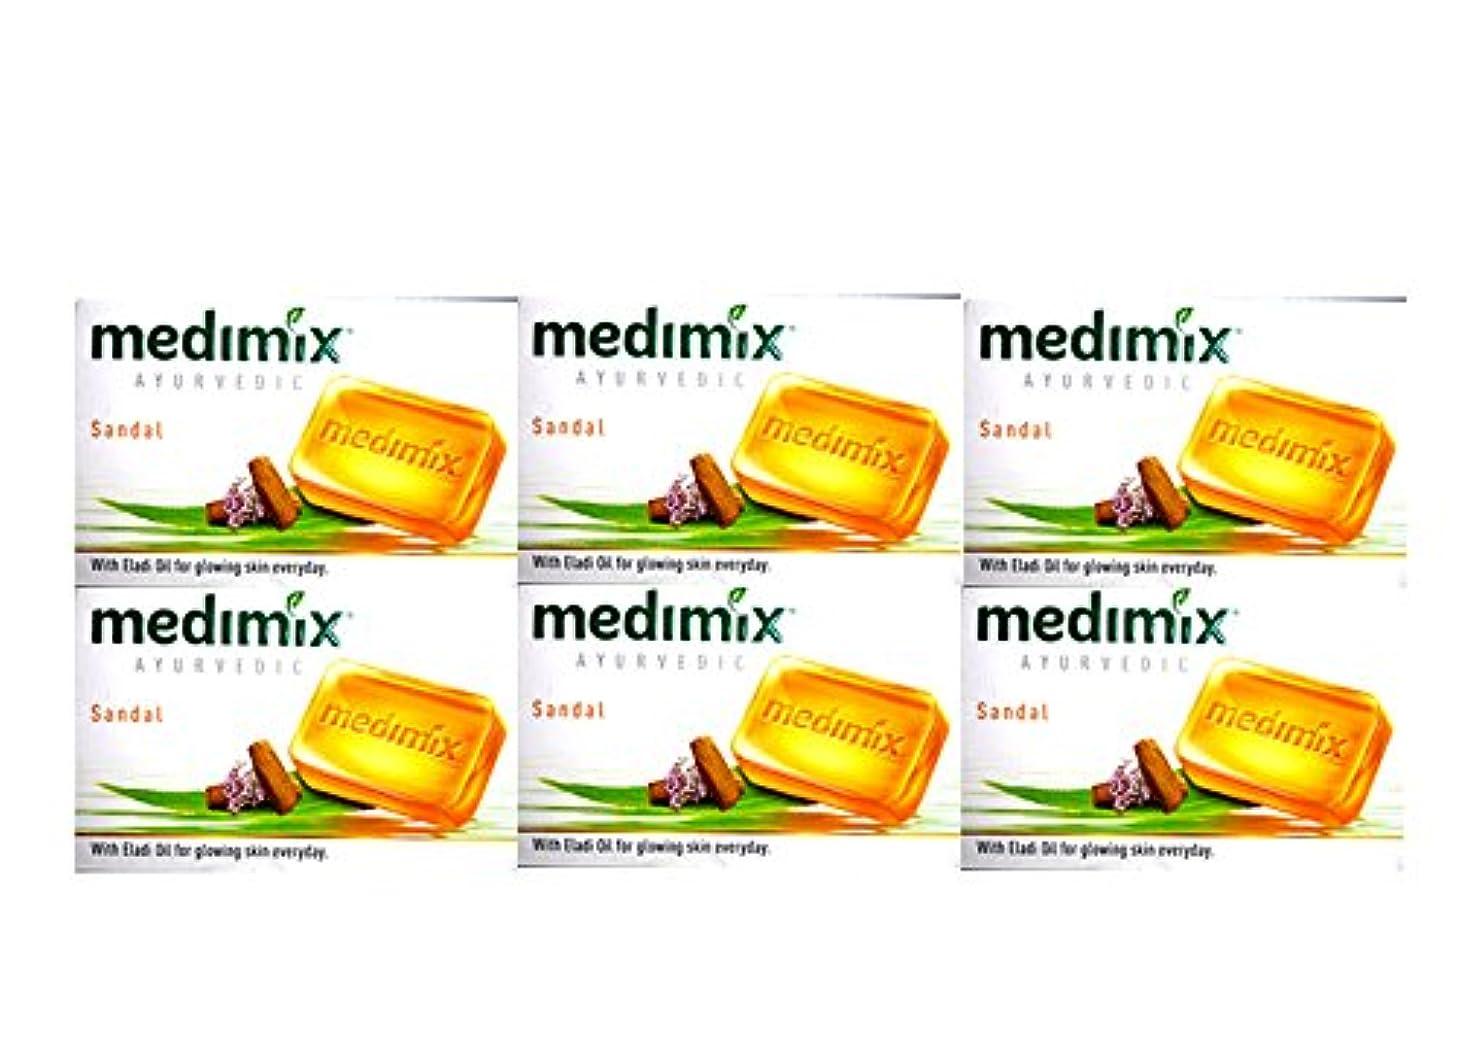 労苦不安定な電圧MEDIMIX メディミックス アーユルヴェディックサンダル 6個セット(medimix AYURVEDEC sandal Soap) 125g